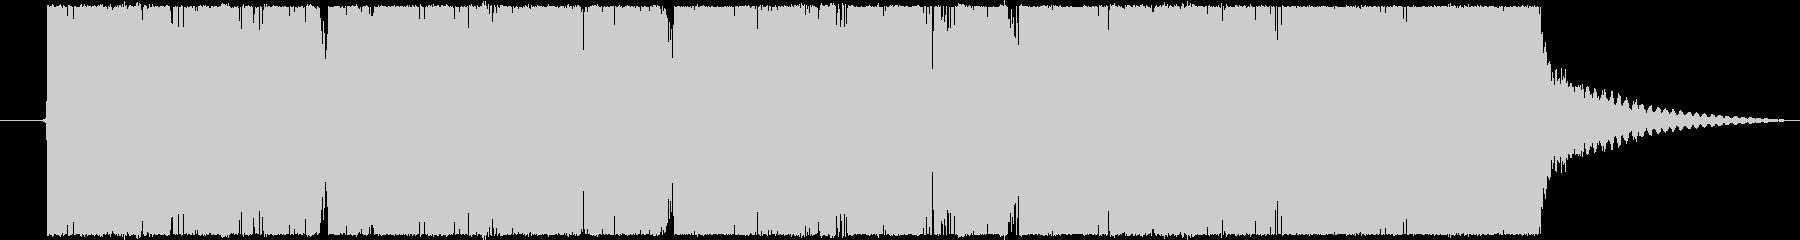 バンドサウンド感満載の洋楽テイストロックの未再生の波形